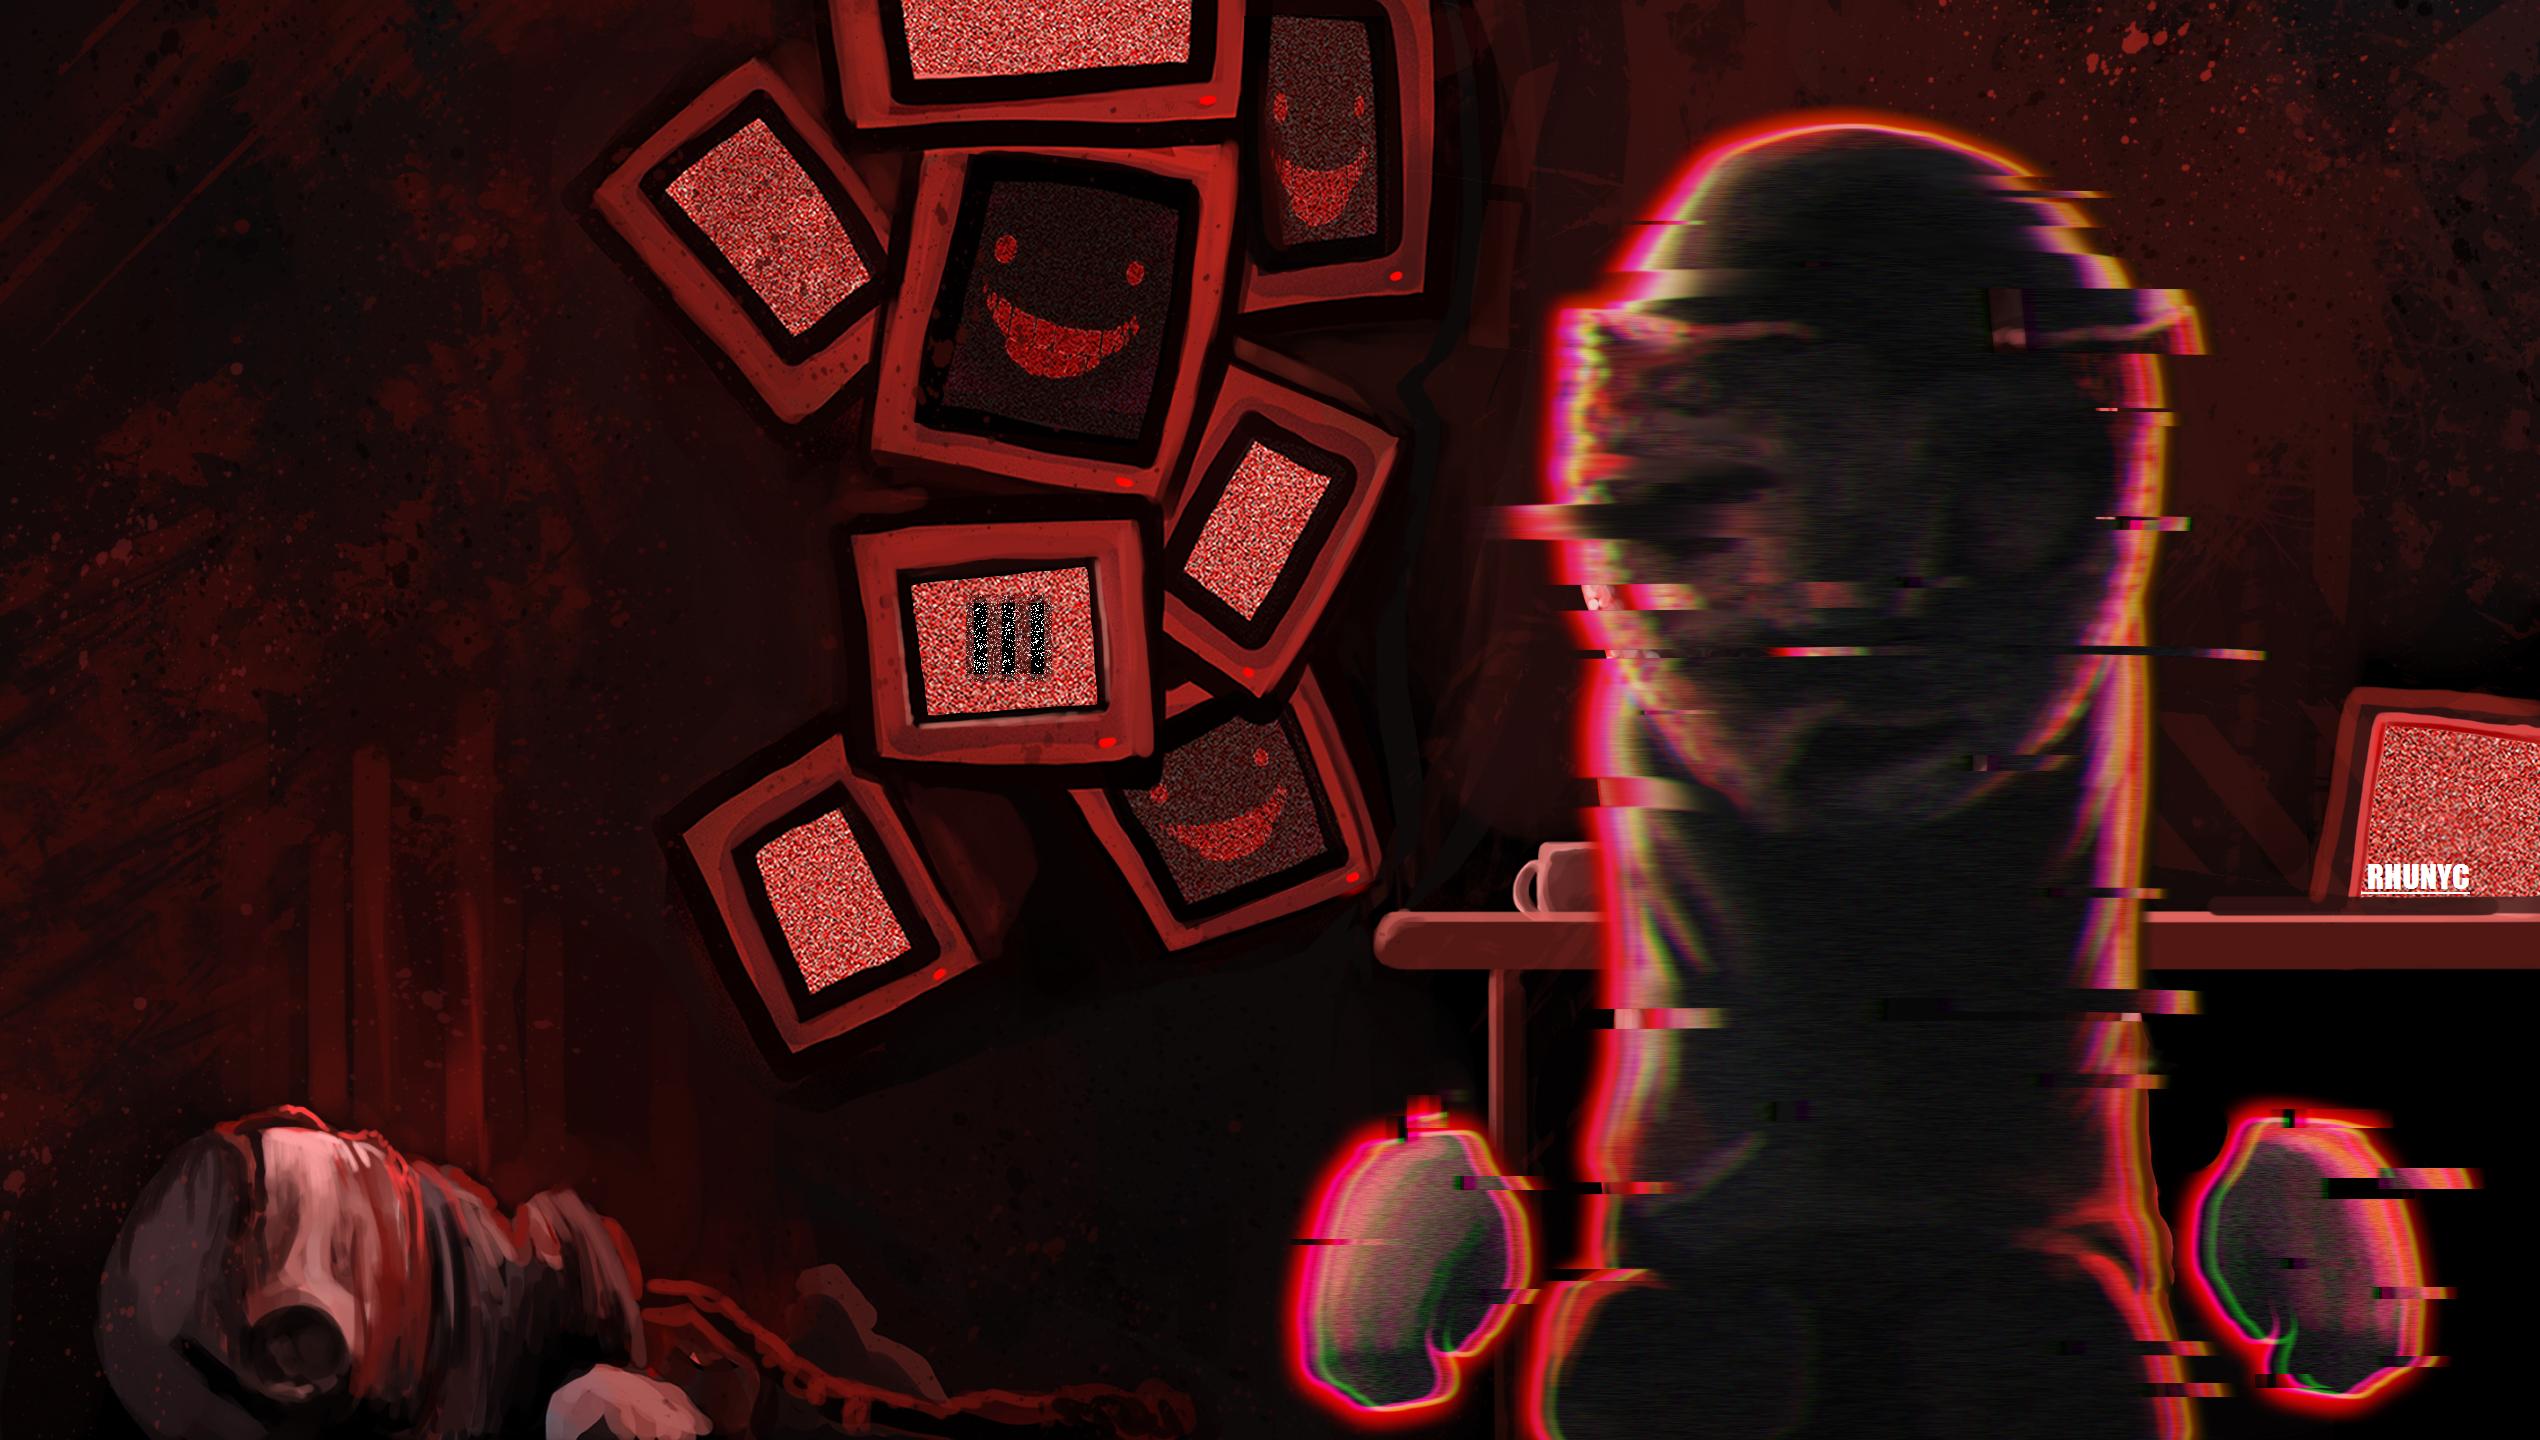 5161756_146594807513_masked-man-creepy.png